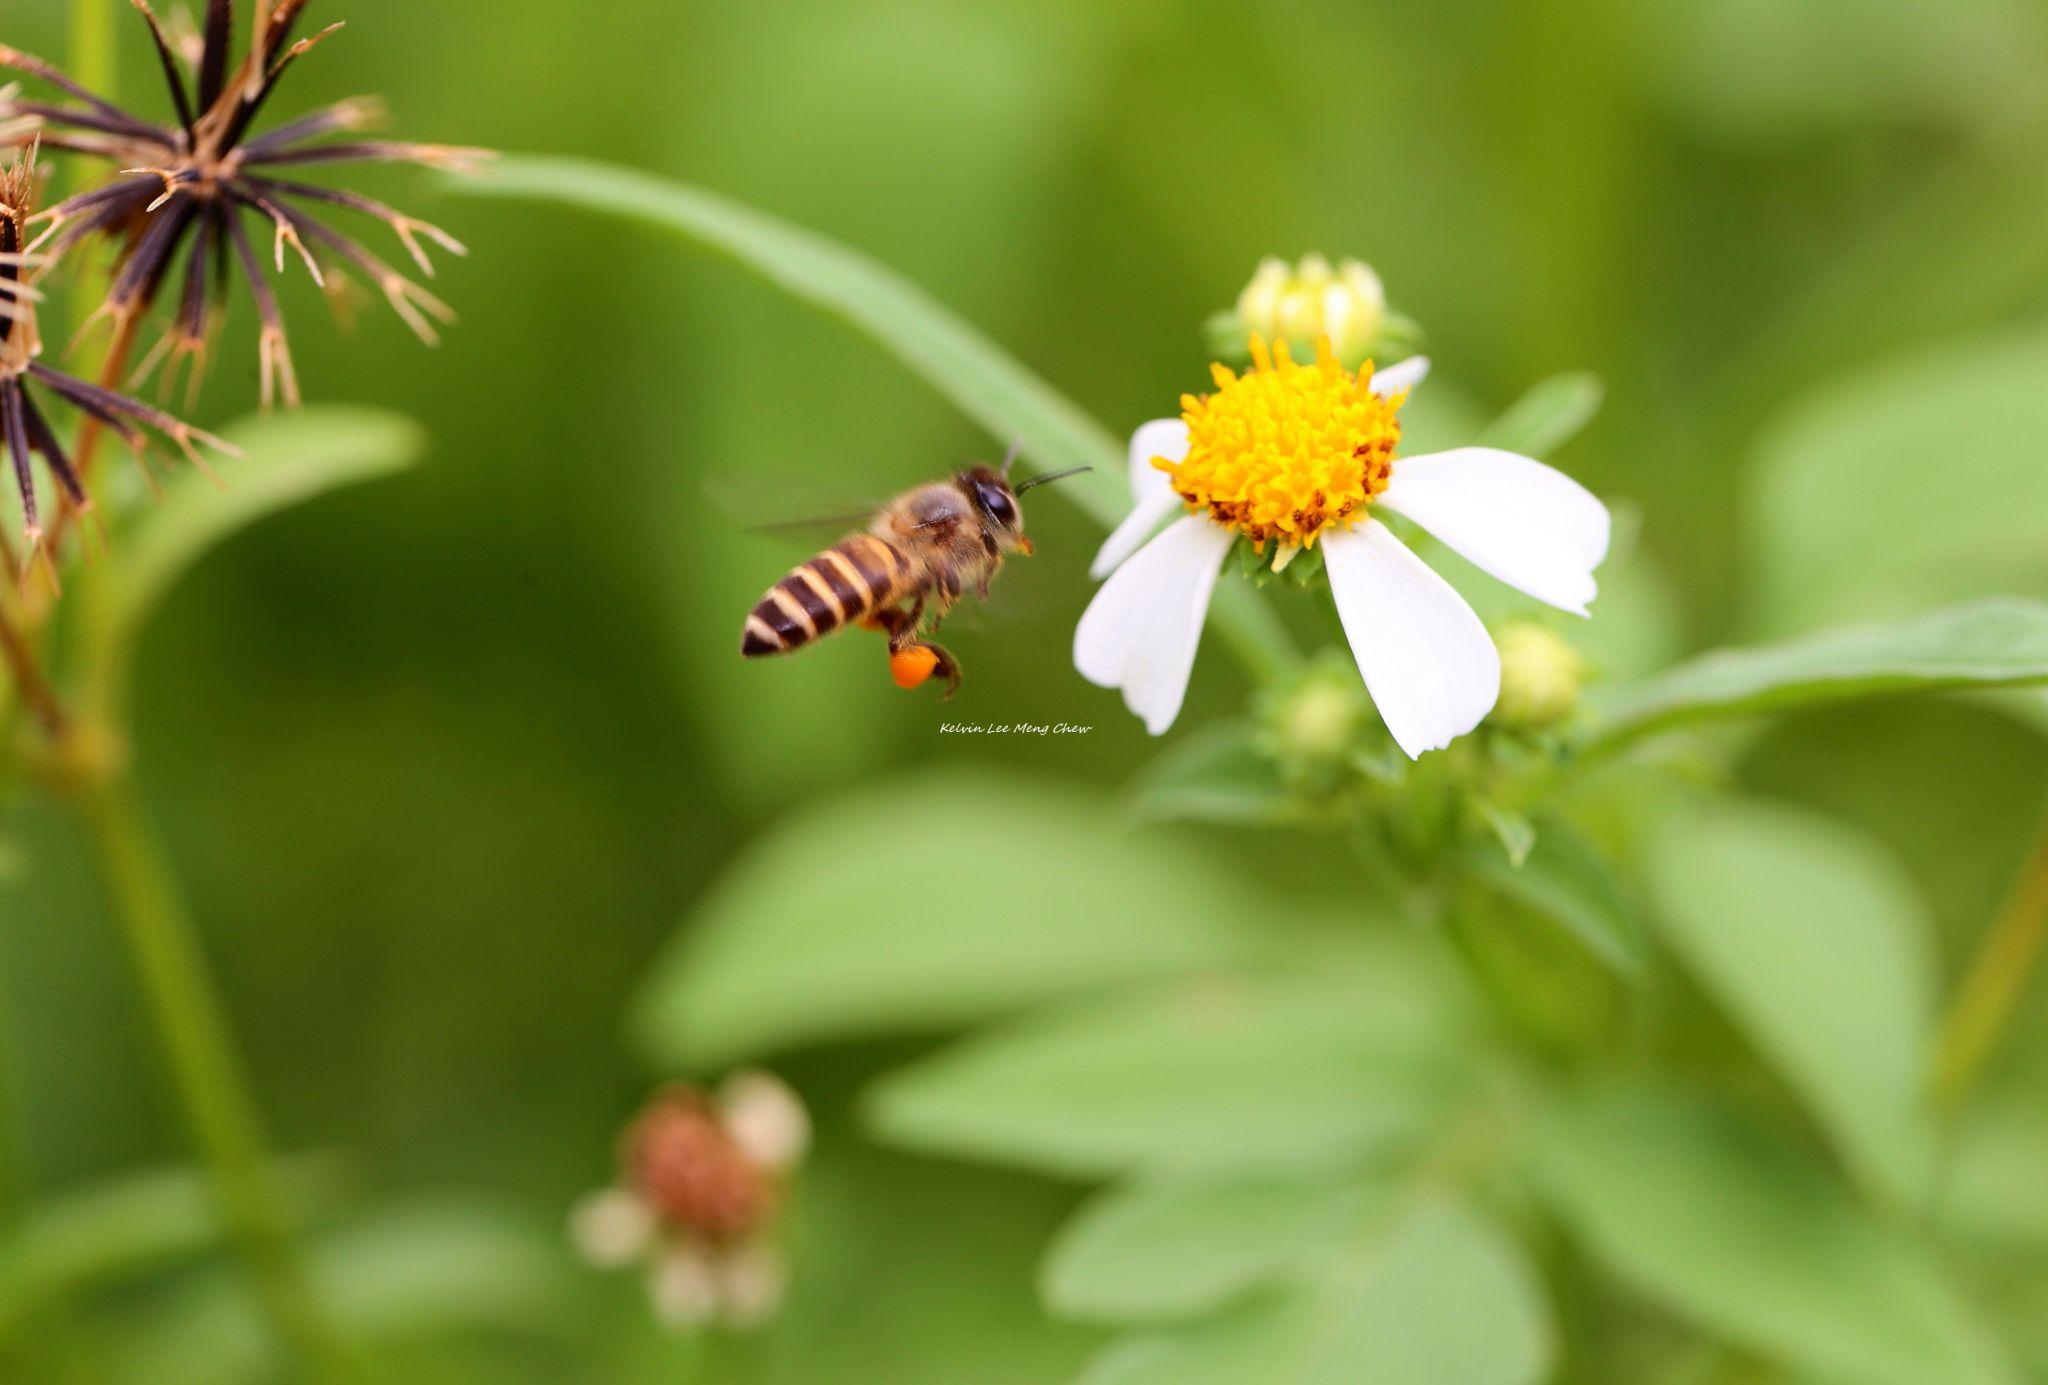 Bee by Kelvin Lee